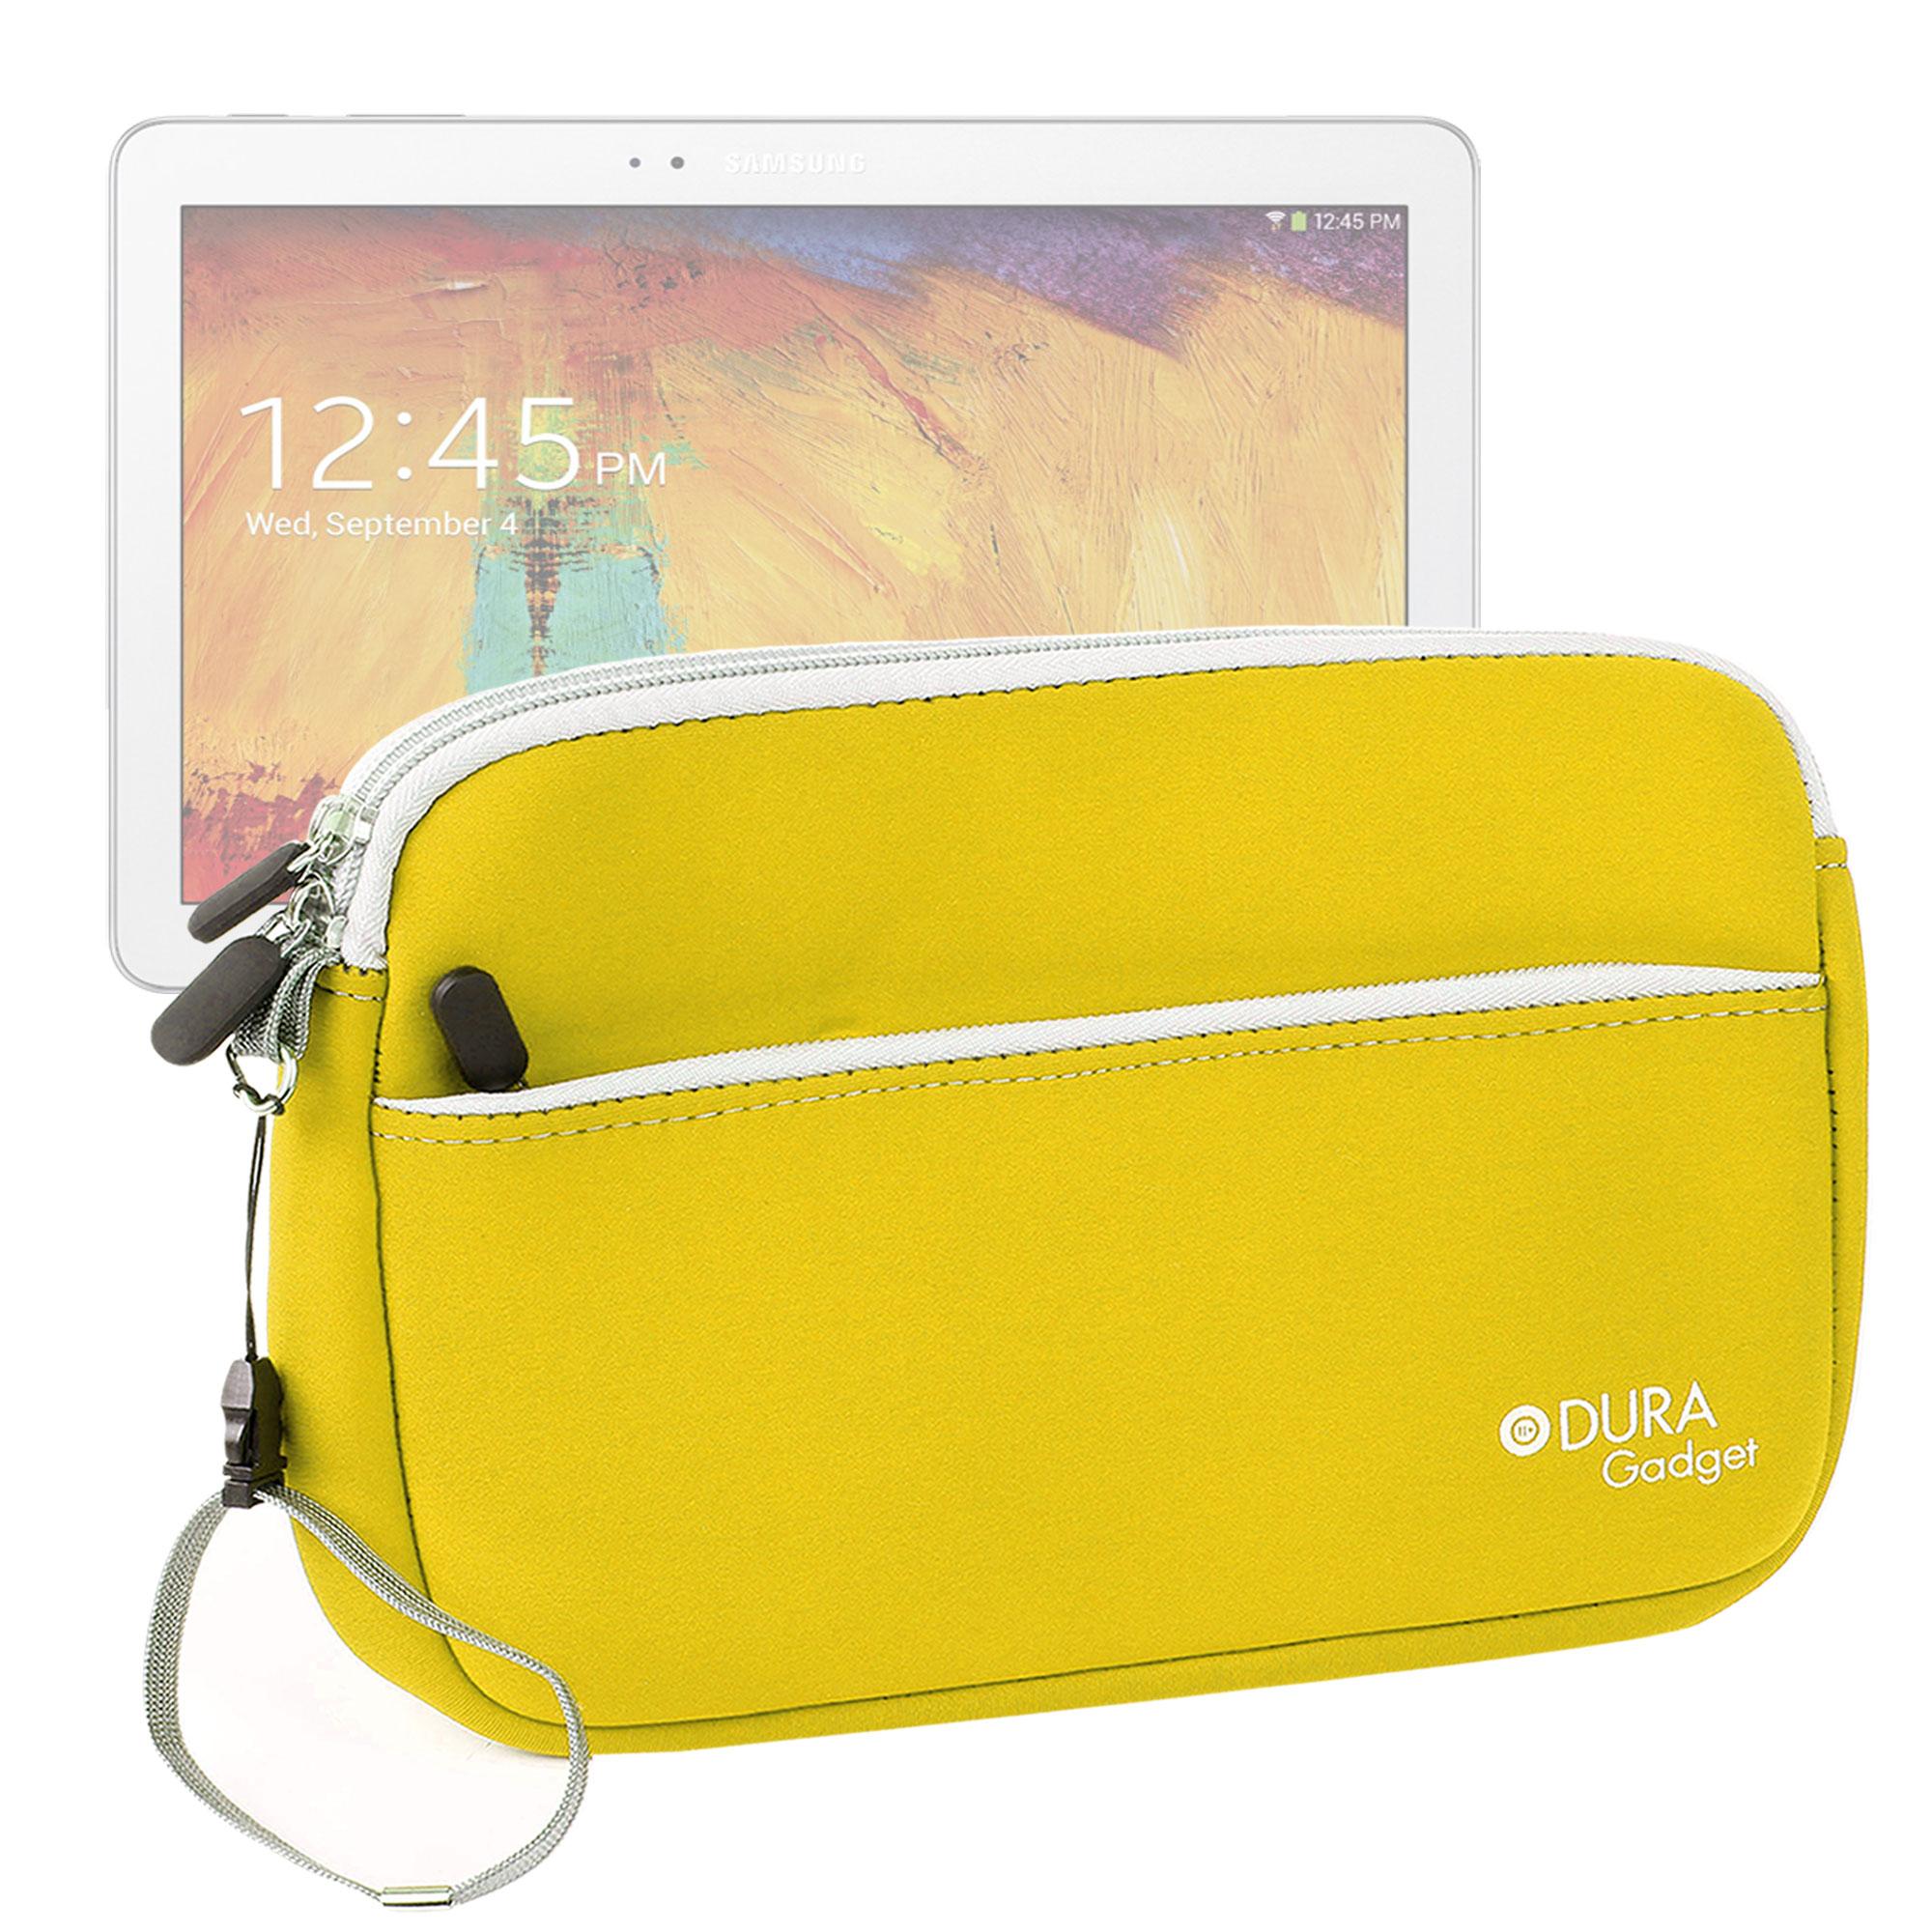 Housse tui jaune pour tablette samsung galaxy tab 4 10 1 - Pochette pour tablette samsung ...